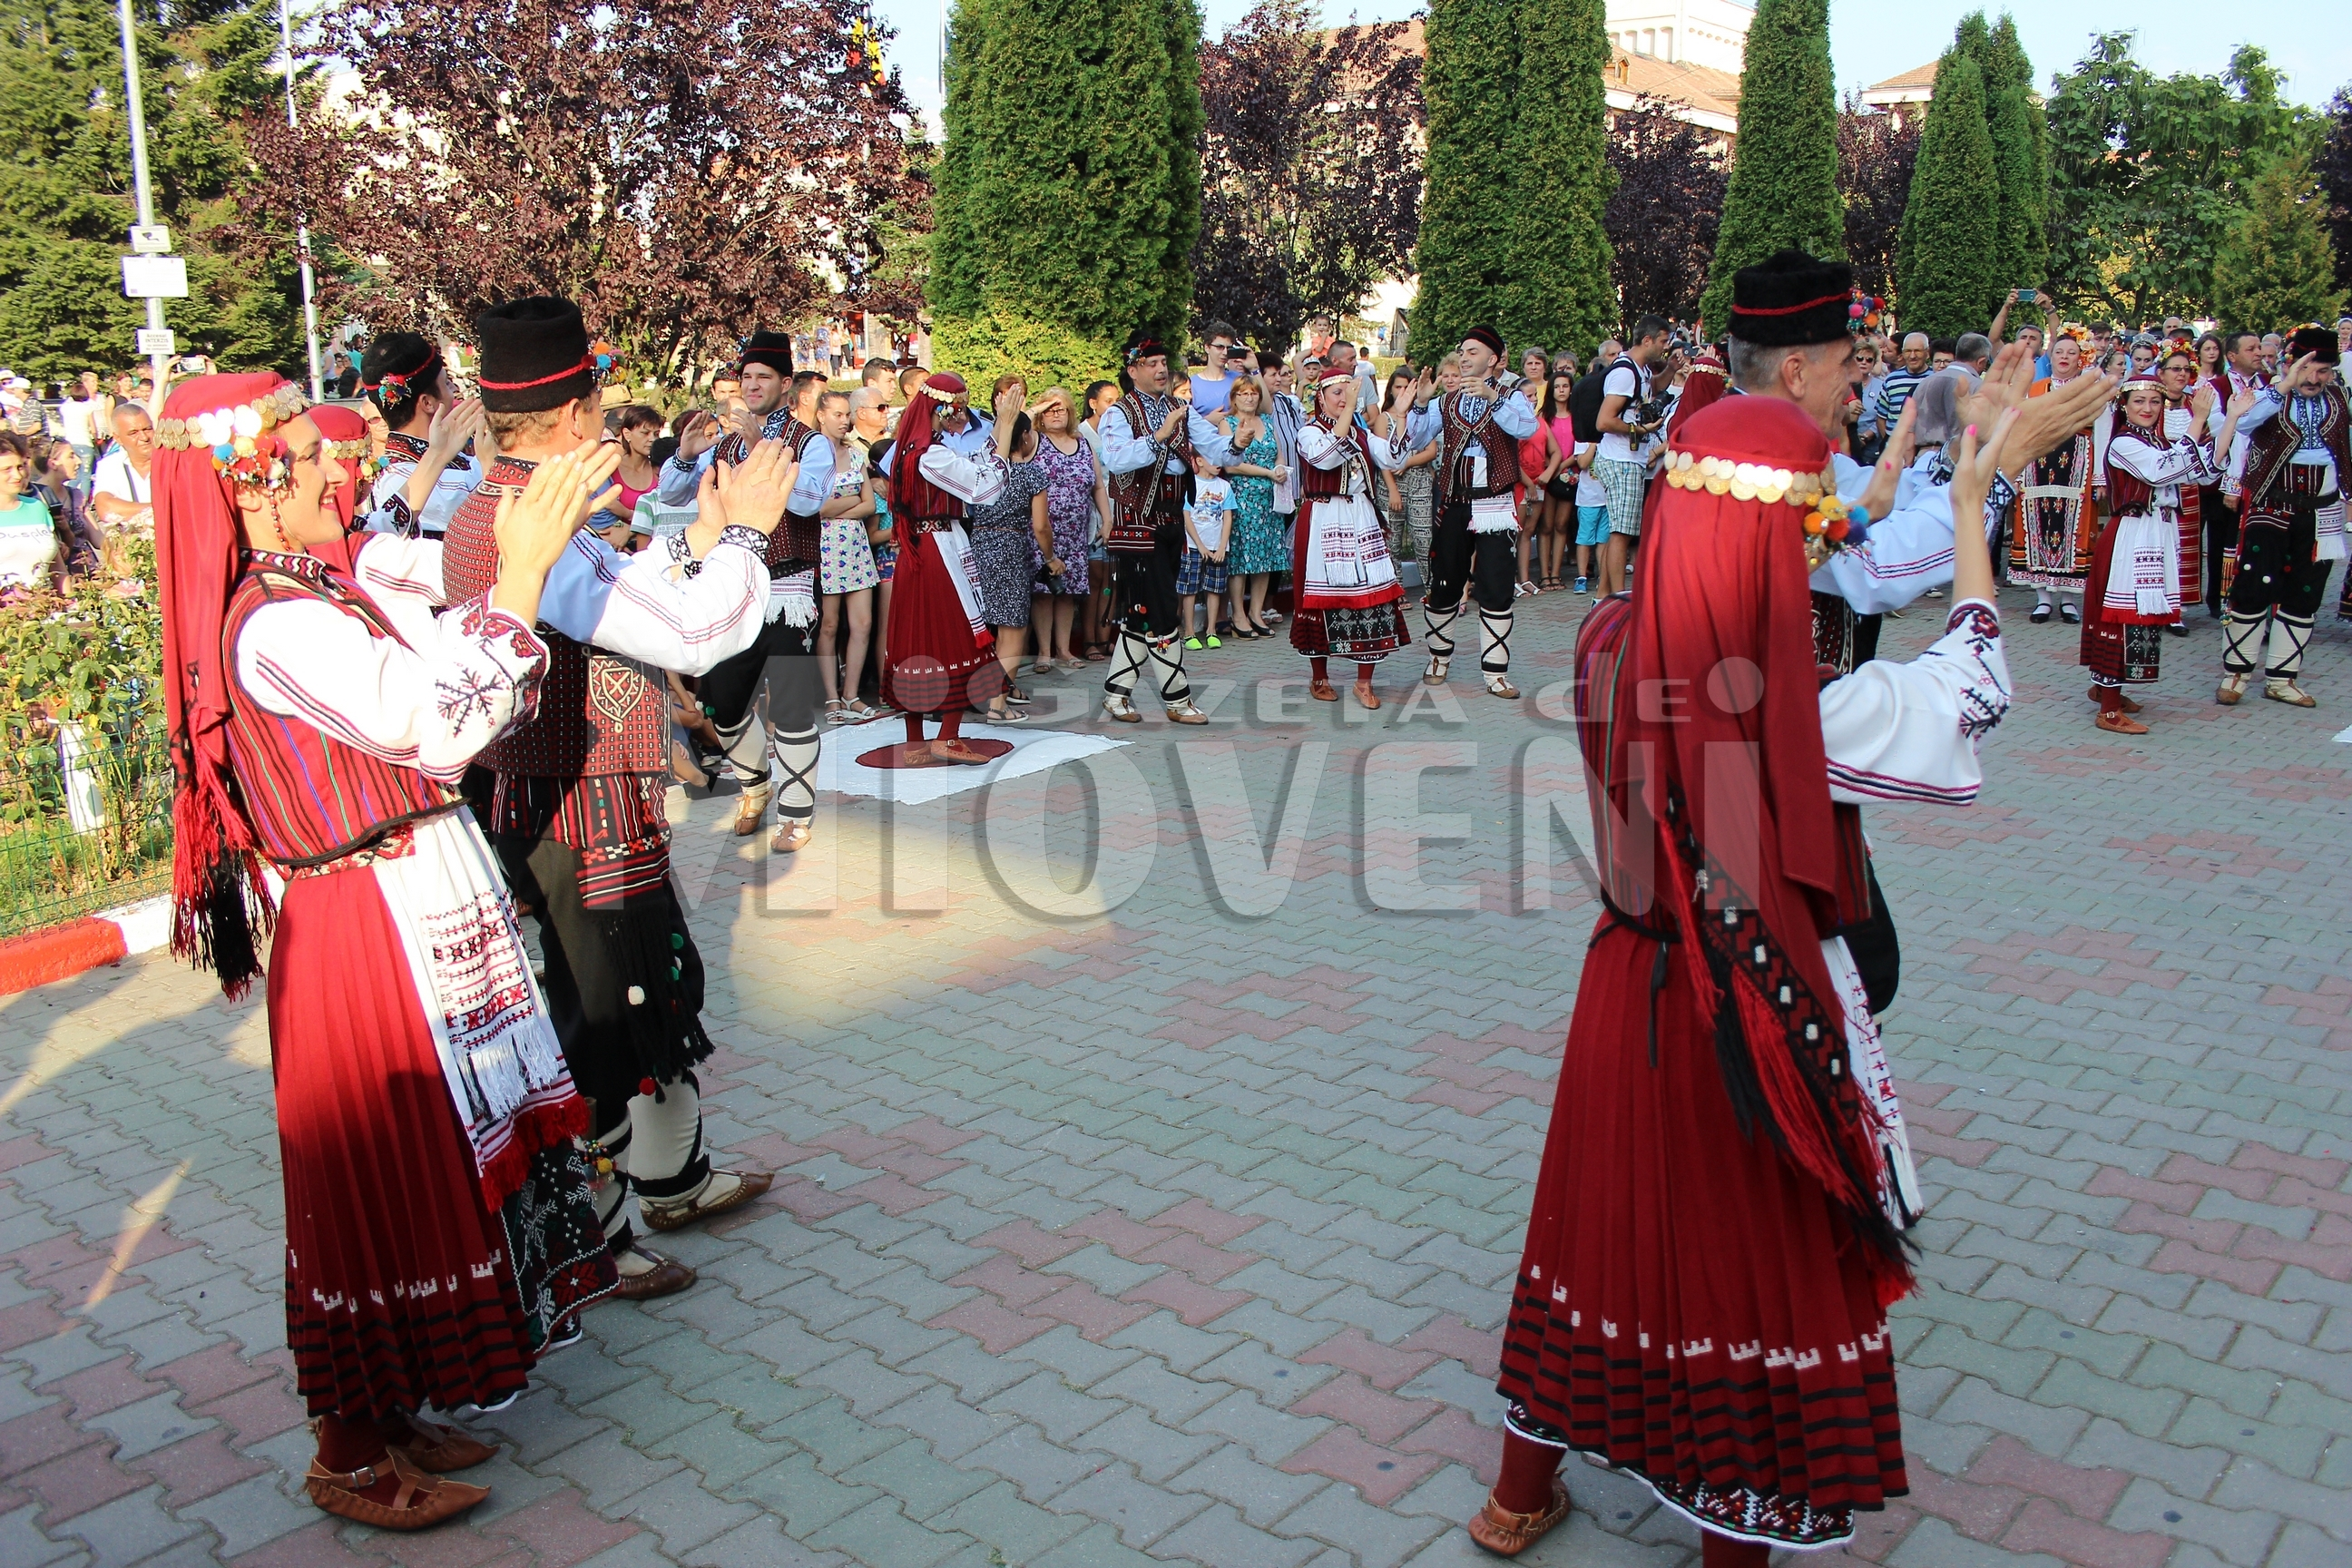 festivalul-international-de-folclor-carpati-mioveni-11-august-2016 (18)